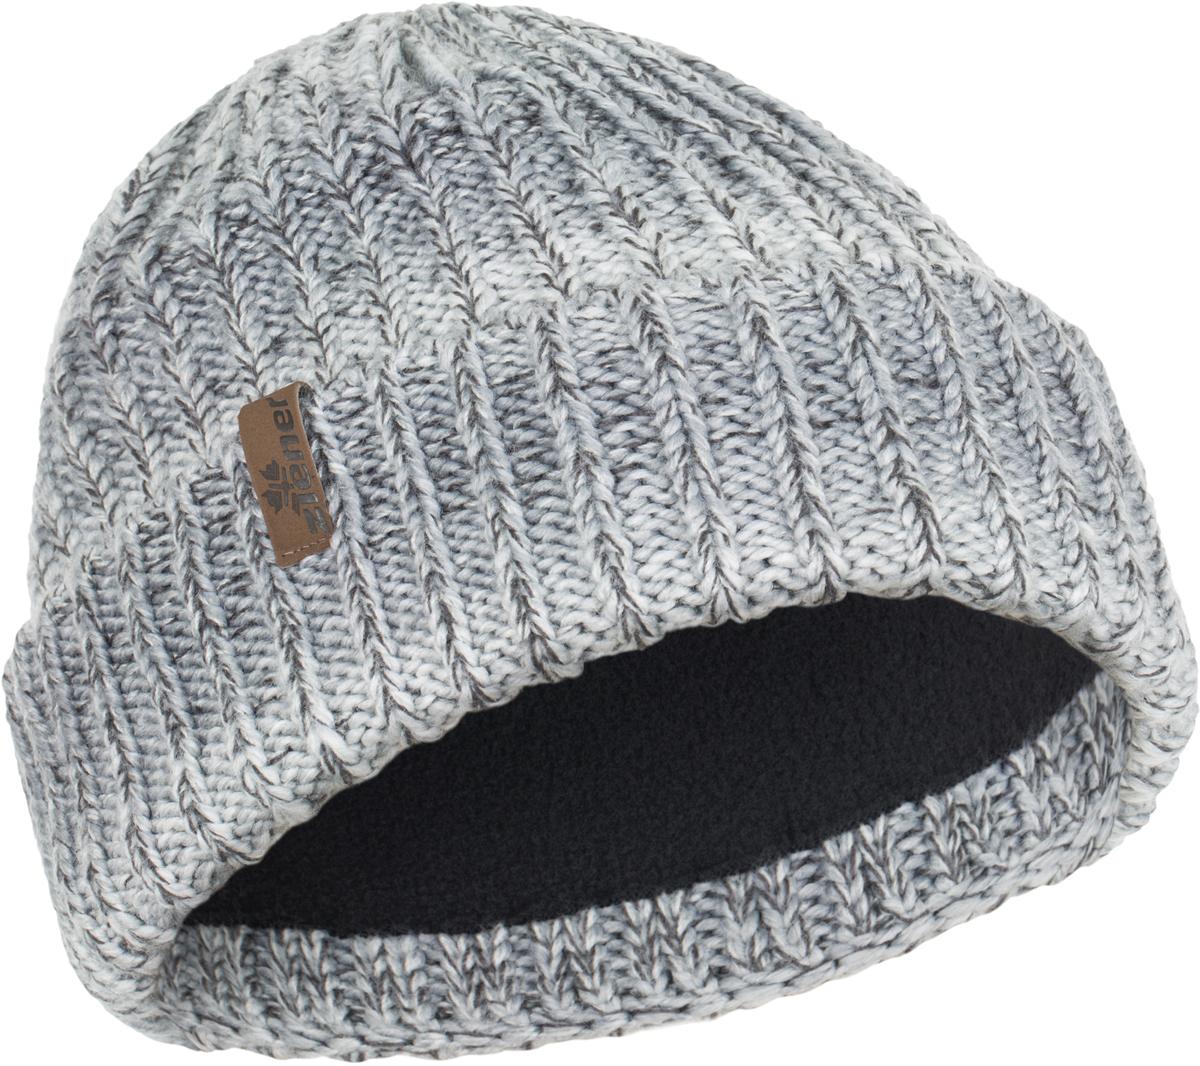 Шапка женская Ziener Ikupika, цвет: серый меланж. 170084-823. Размер универсальный170084-823Вязаная шапка Ziener Ikupika выполнена из акрила. Модель оформлена декоративным отворотом.